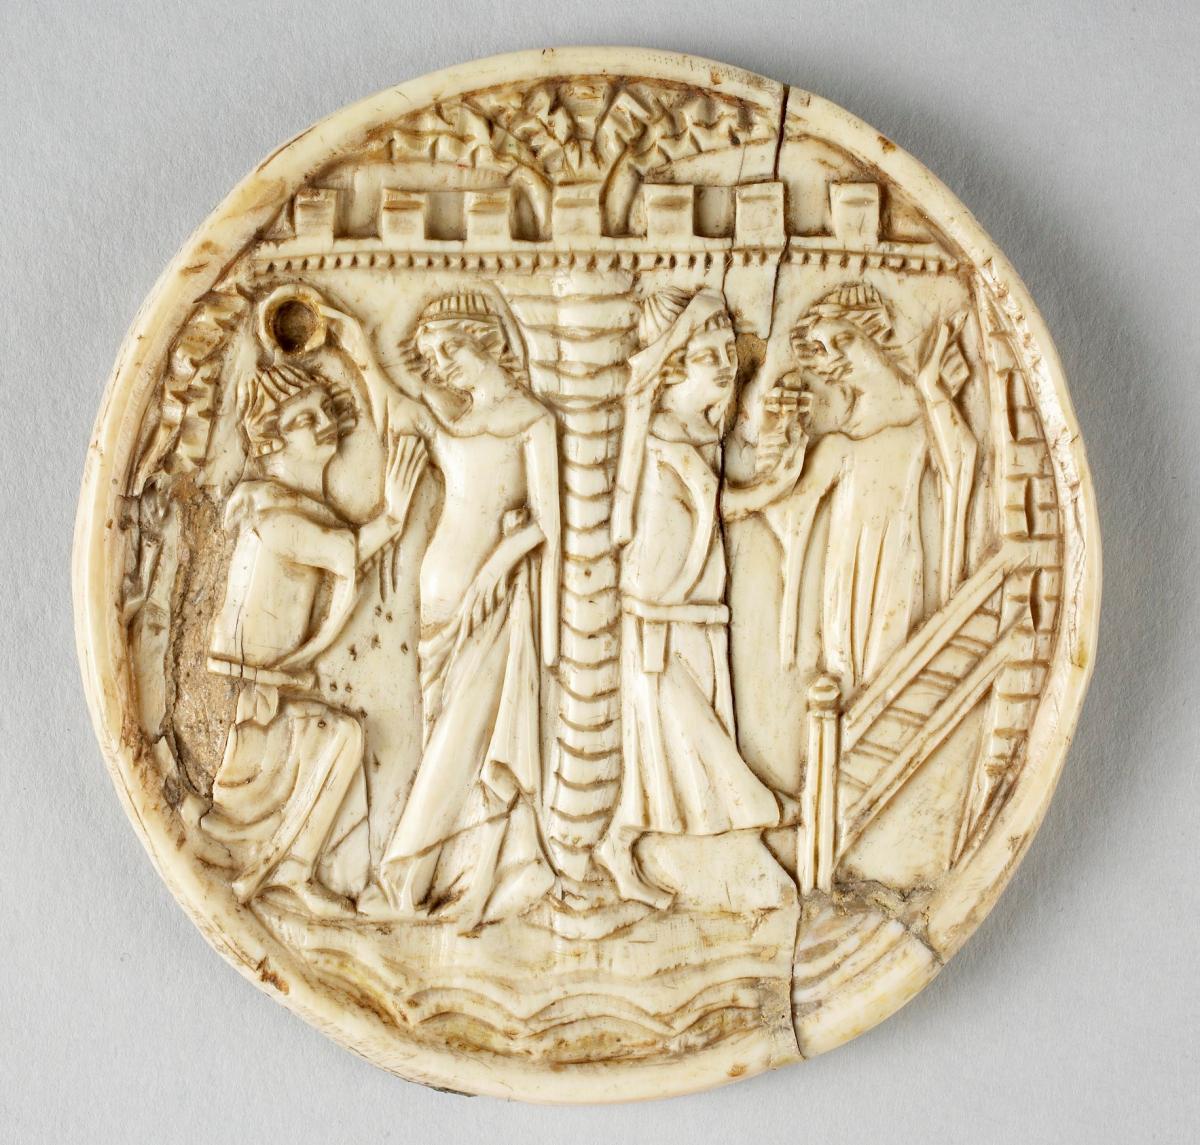 Корпус люстерка зі слонової кістки. Сцени з коханцями, Париж, 1340-1360. Художній музей Прінстонського університету, США. Фото - Symbolon.